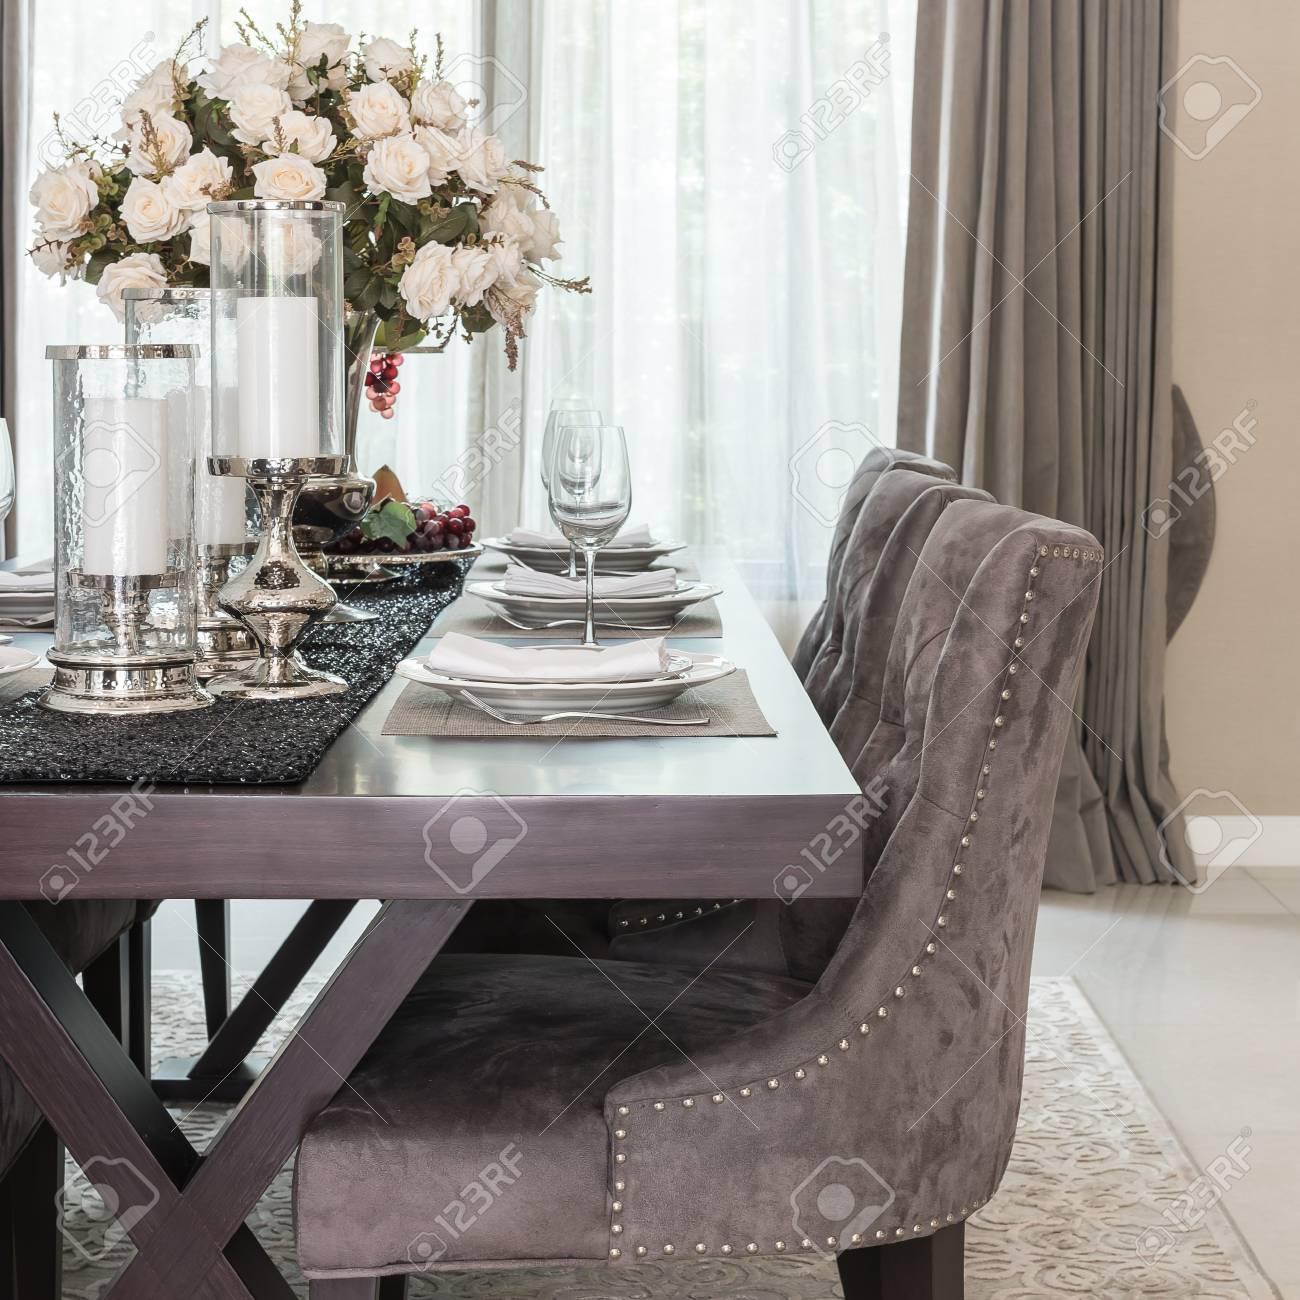 Salle à manger de luxe avec table en bois et chaise de style classique sur  tapis